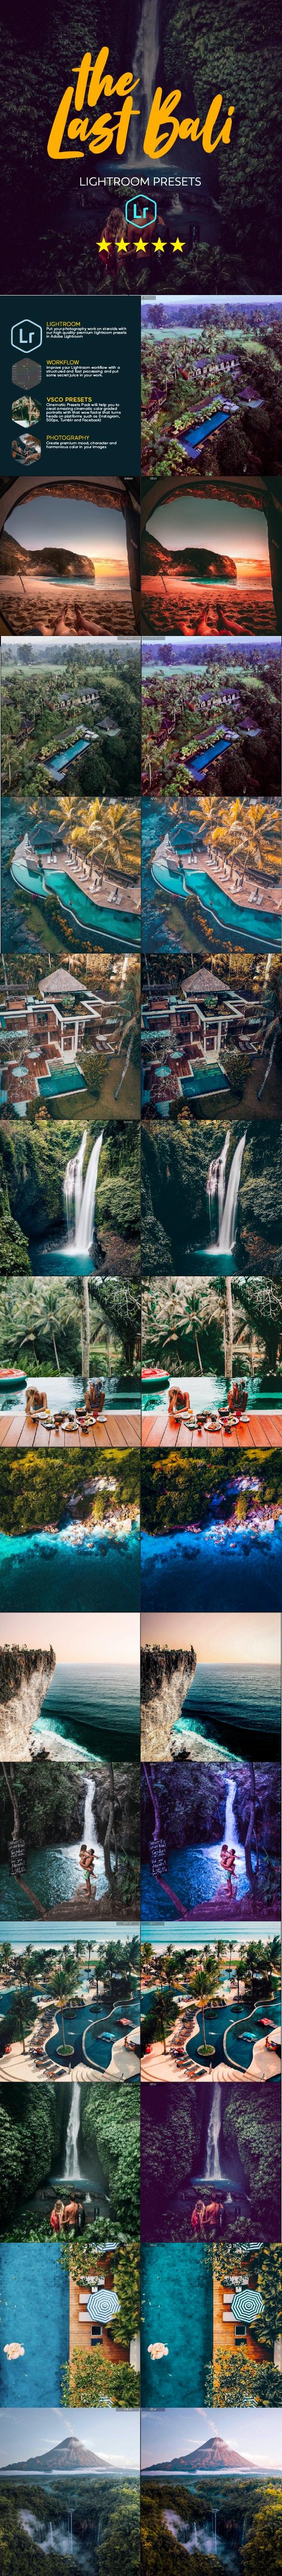 Bali Vacation Travel Lightroom Presets - Landscape Lightroom Presets